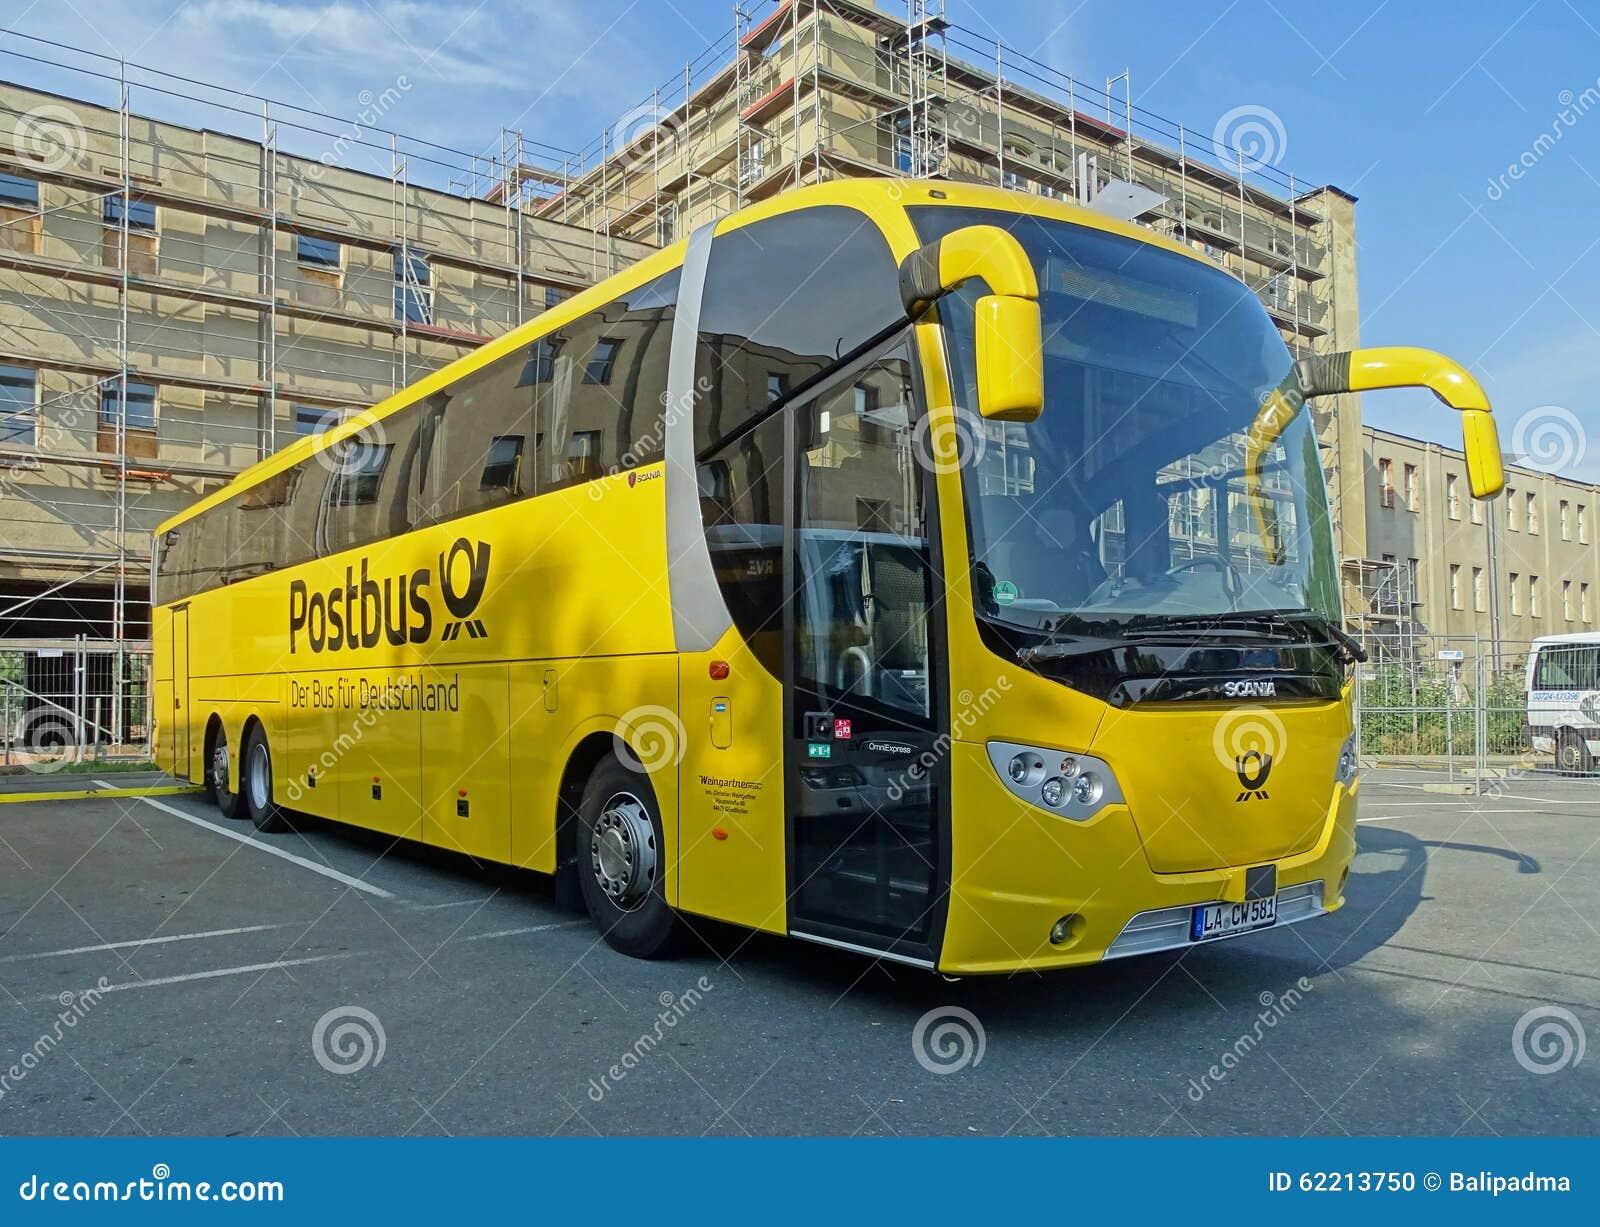 zug bus scania omniexpress von postbus in chemnitz redaktionelles bild bild von pfosten reise. Black Bedroom Furniture Sets. Home Design Ideas